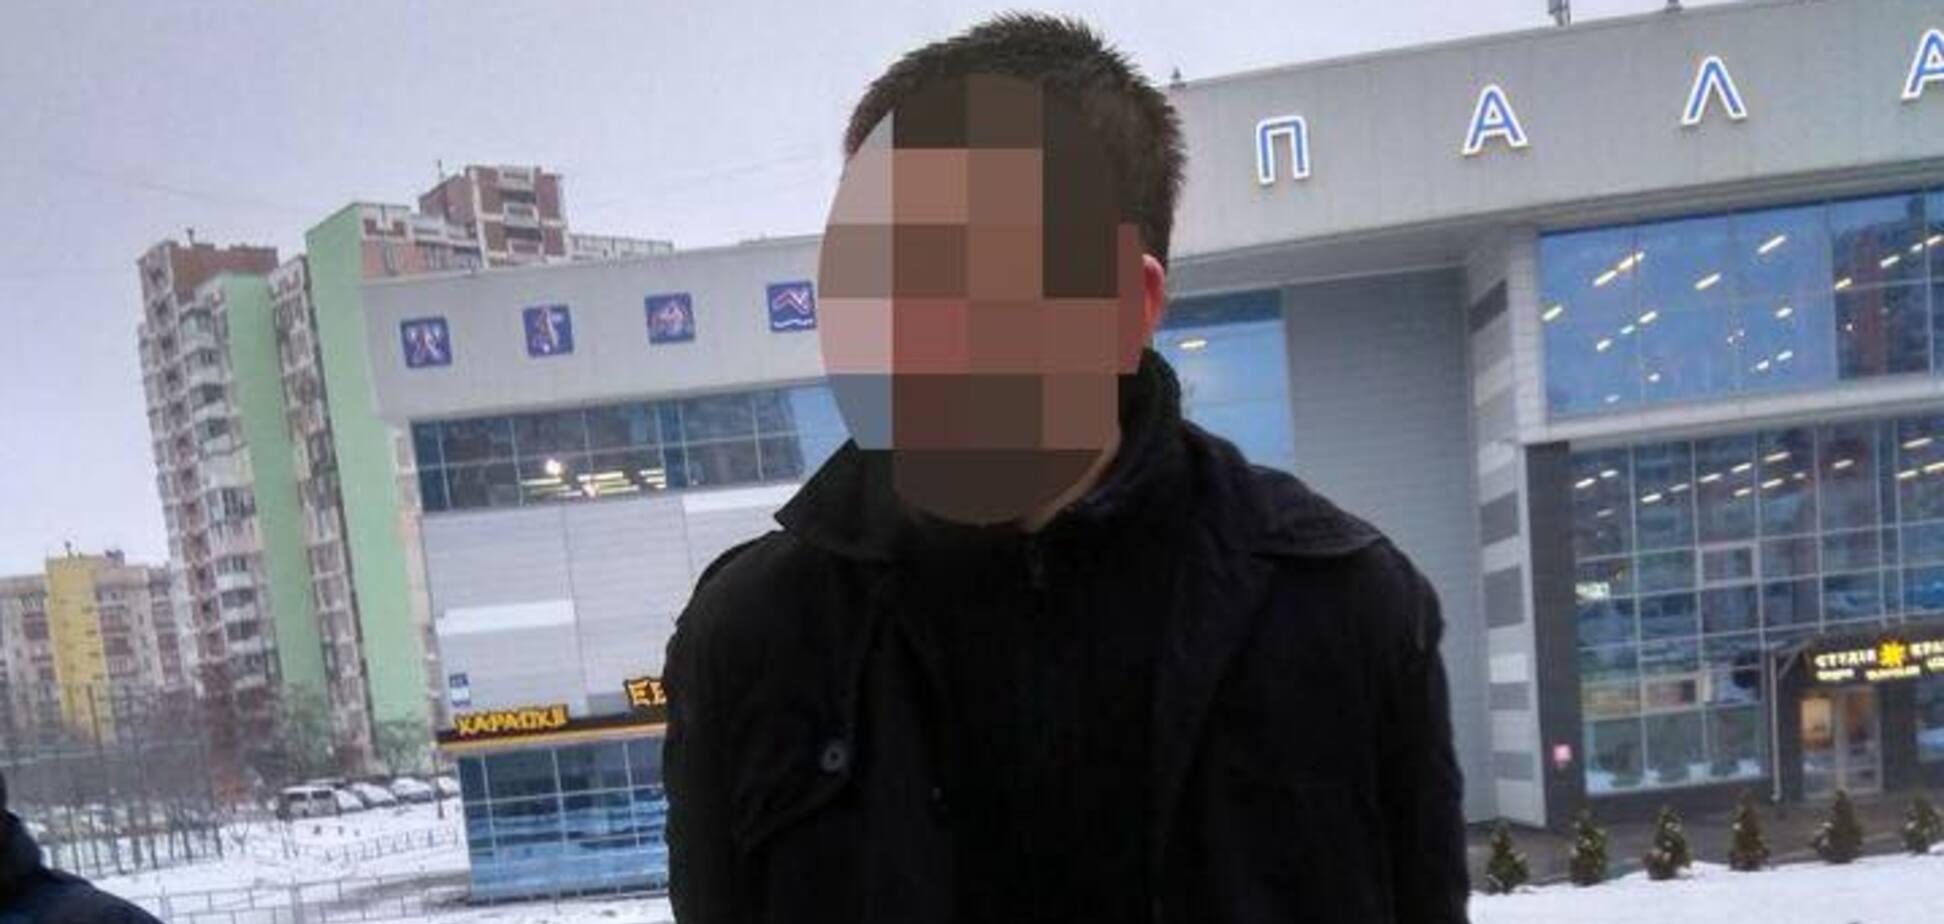 Киевлянин получил срок за попытку подорвать полицейских